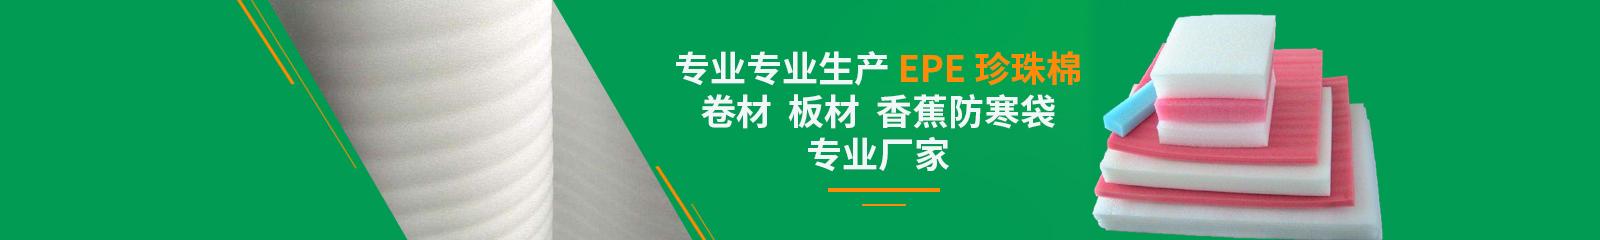 昆明泰来塑料制品专业生产EPE珍珠棉